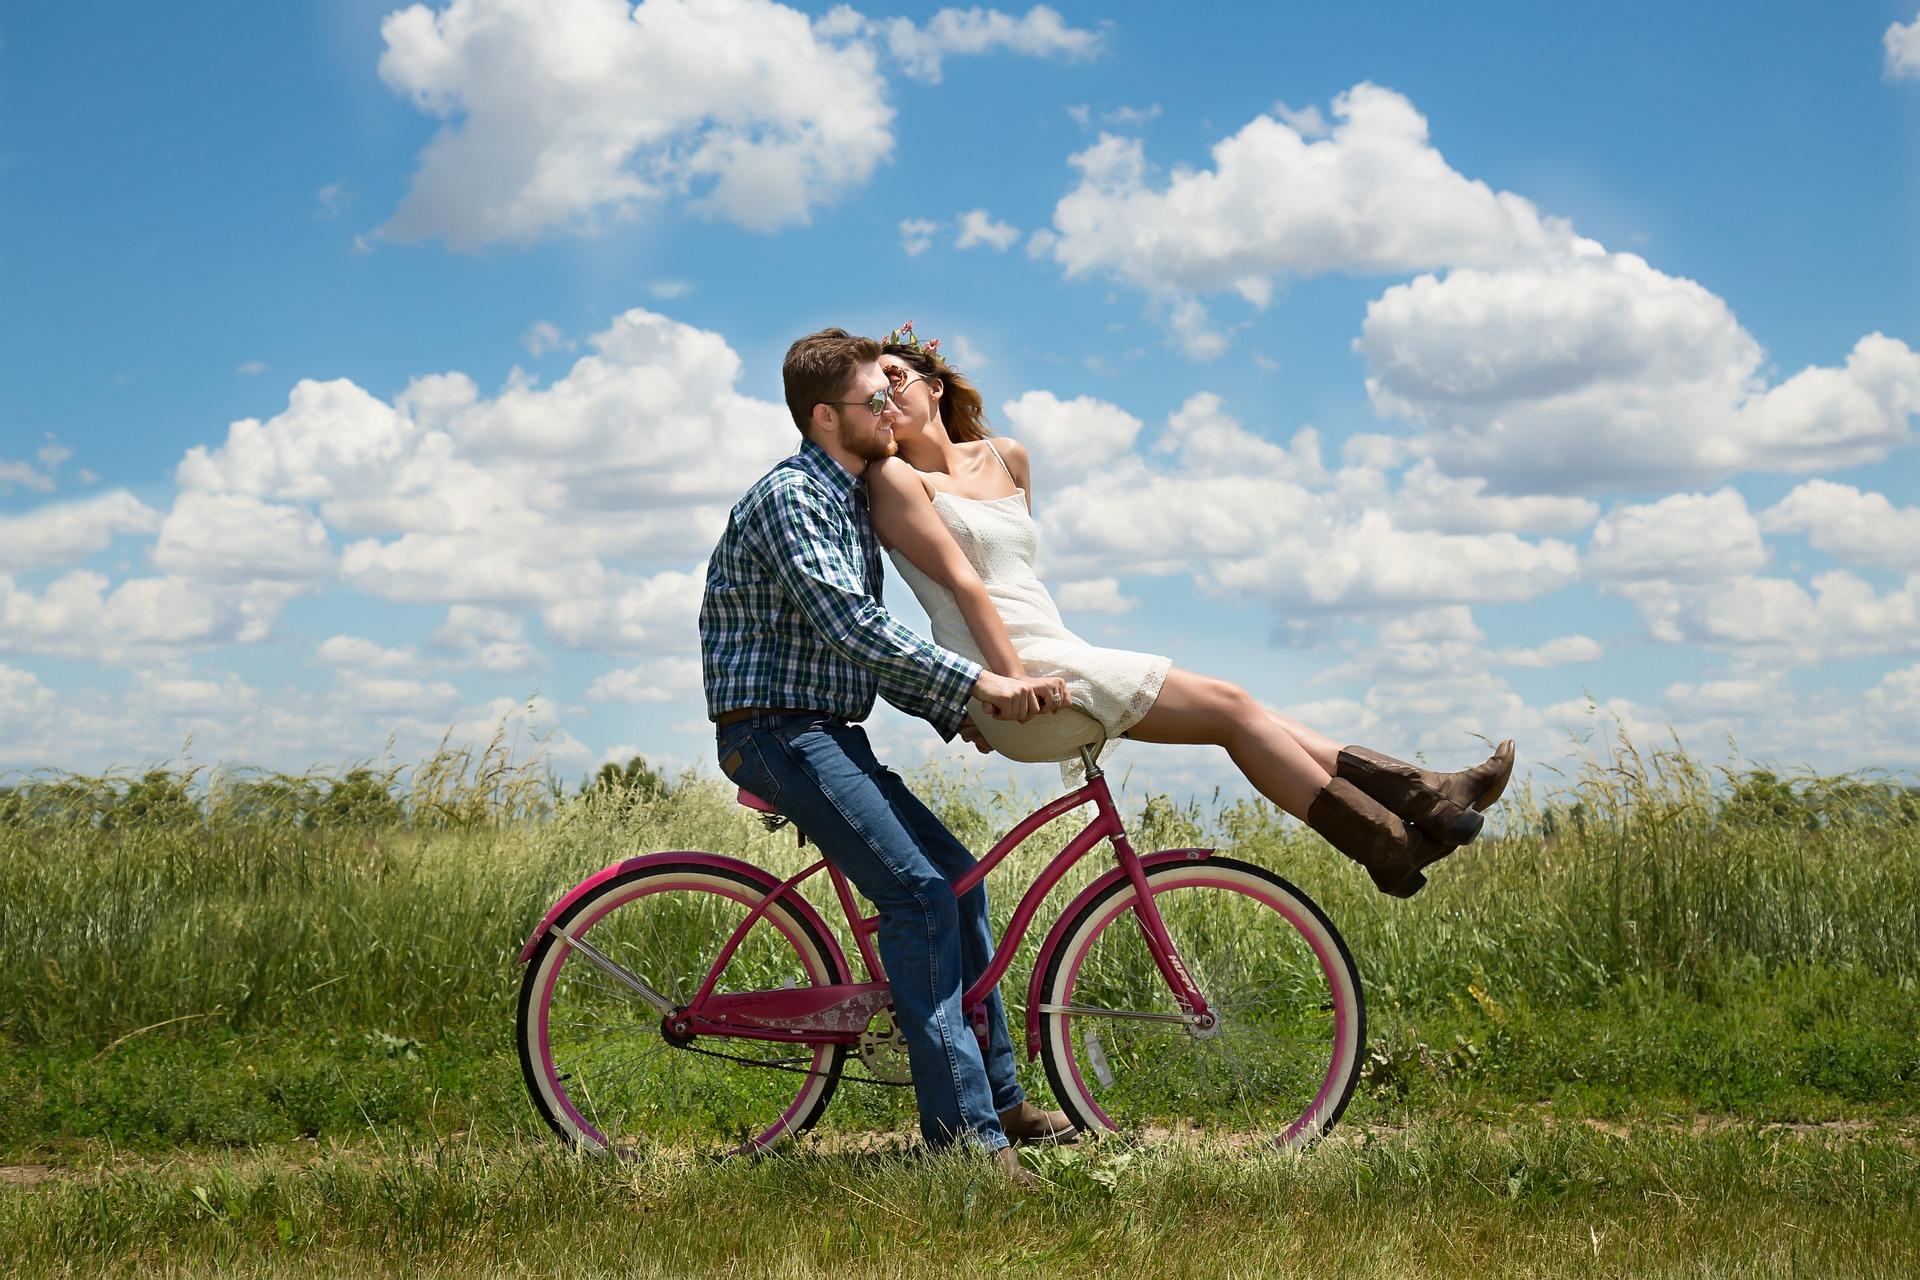 Wiosna – sezon na randki! 5 pomysłów na wiosenną randkę